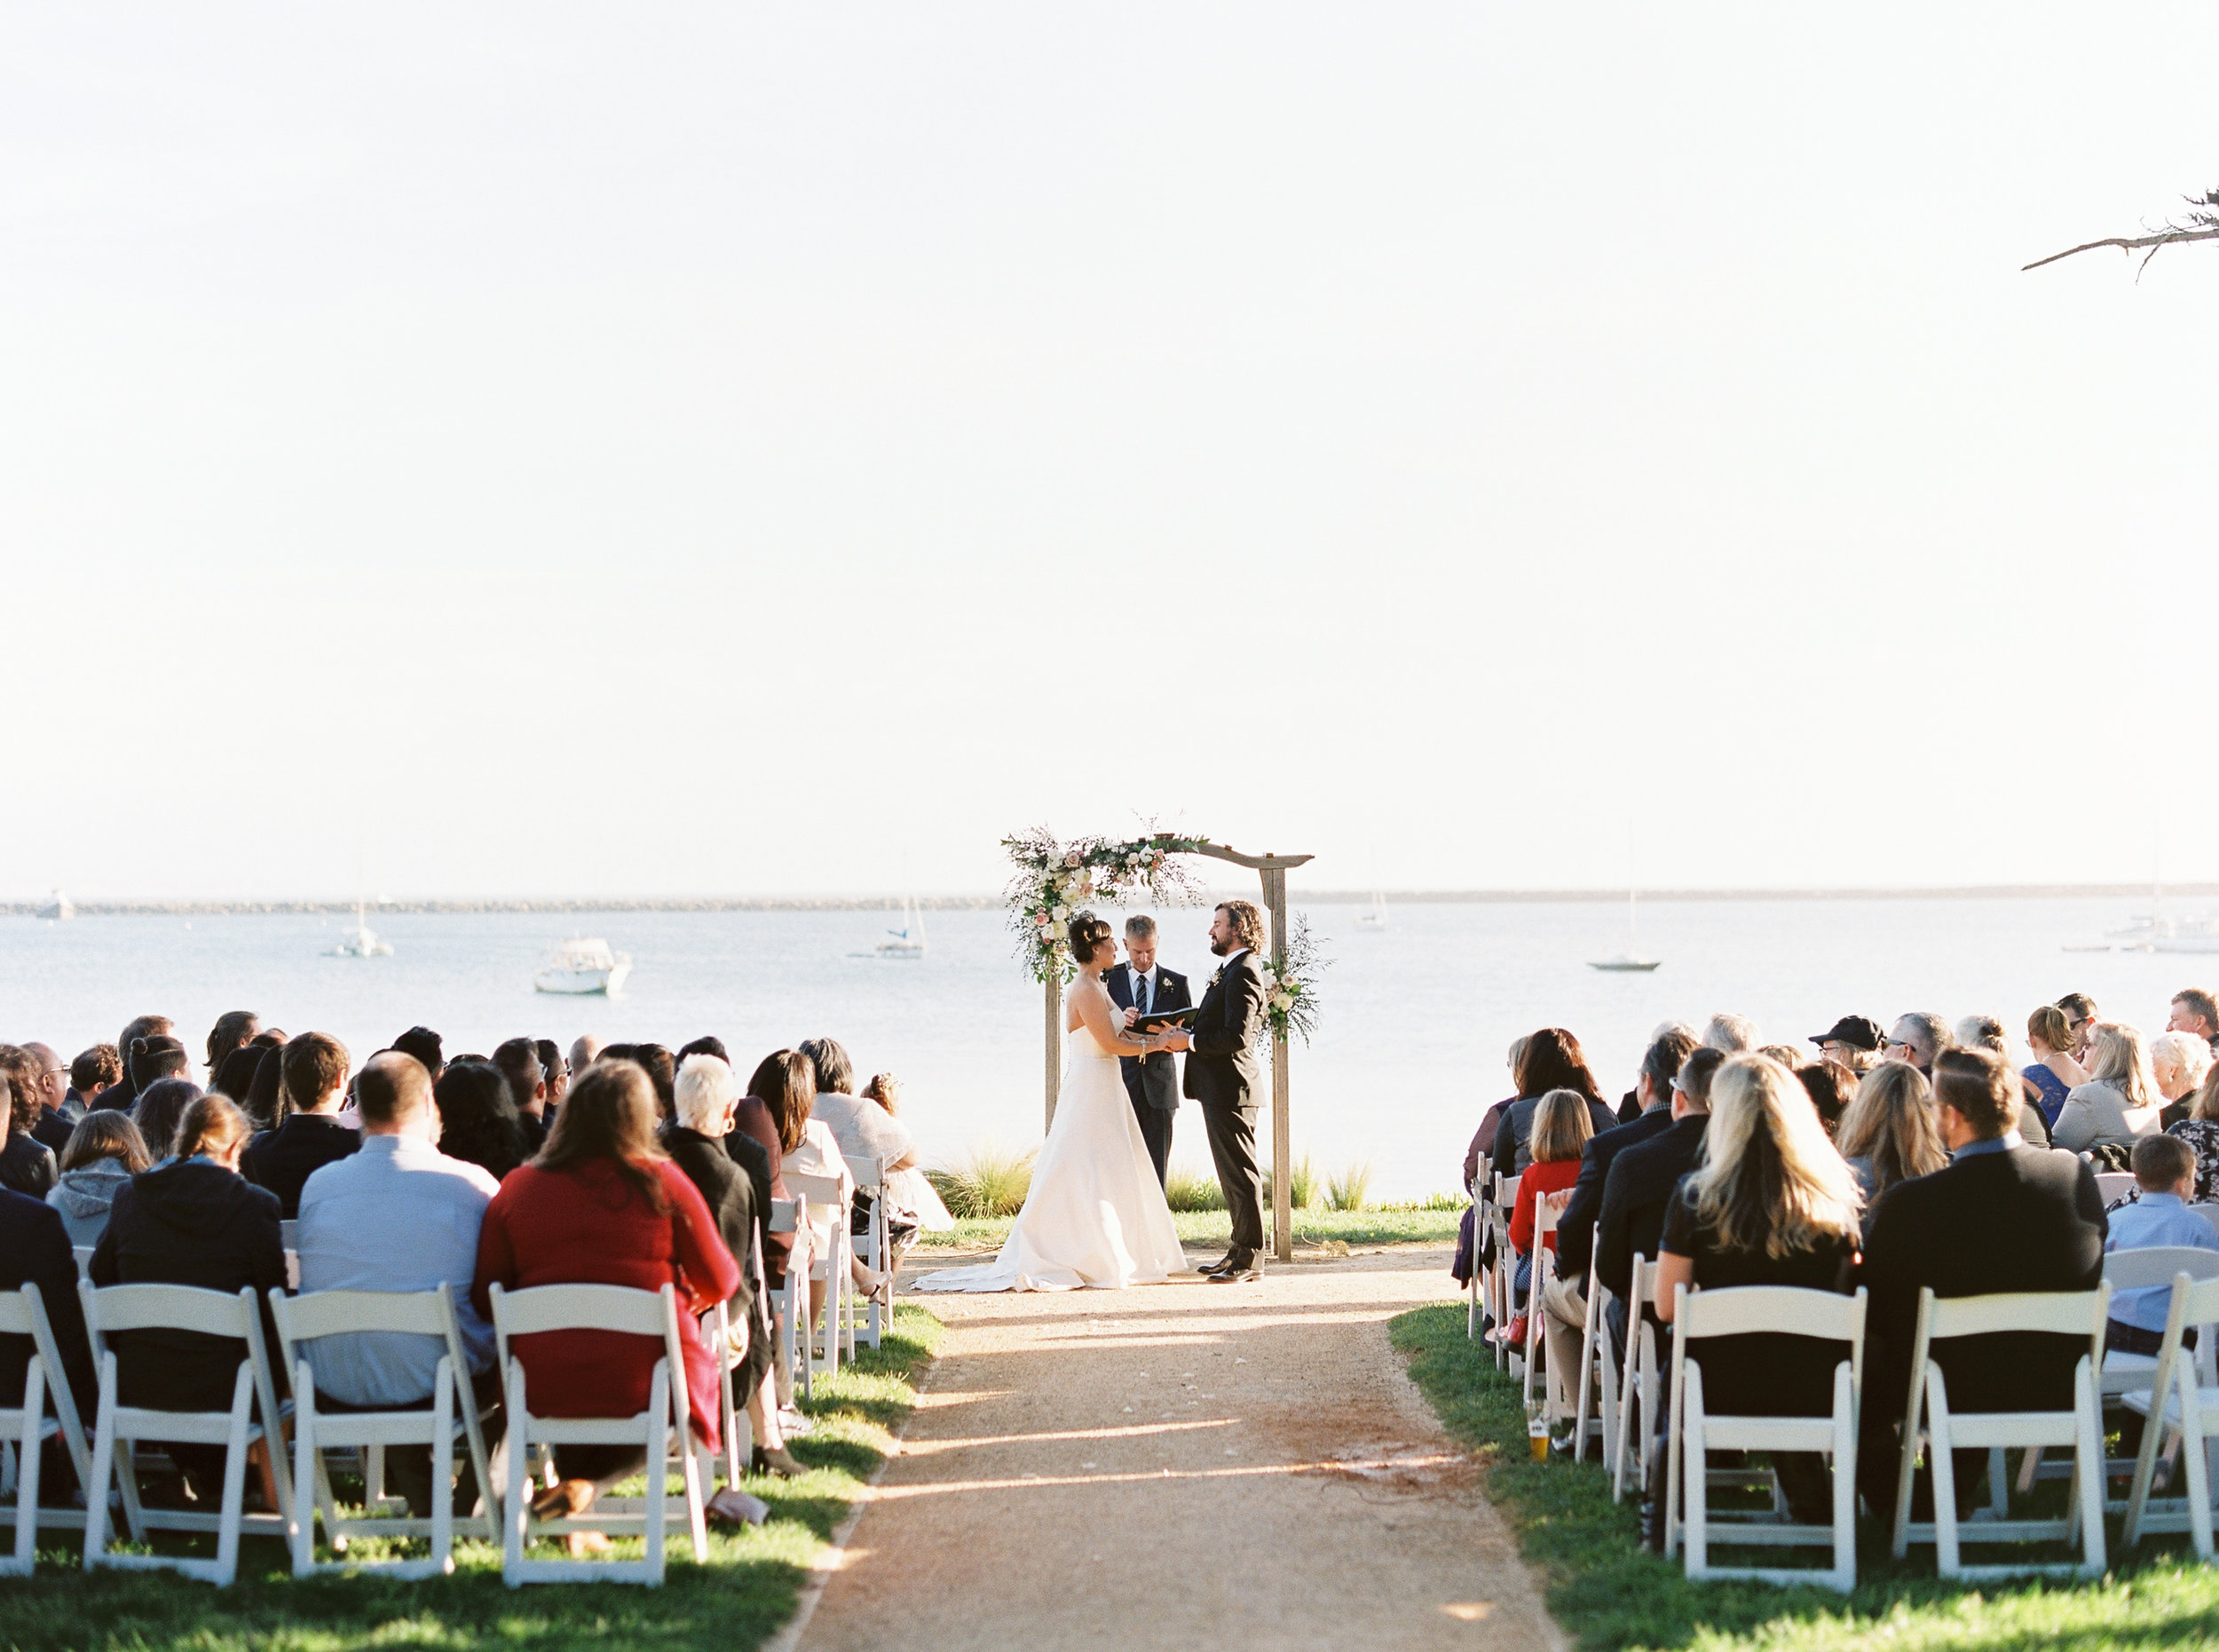 Mavericks-event-center-wedding-in-half-moon-bay-california600.jpg